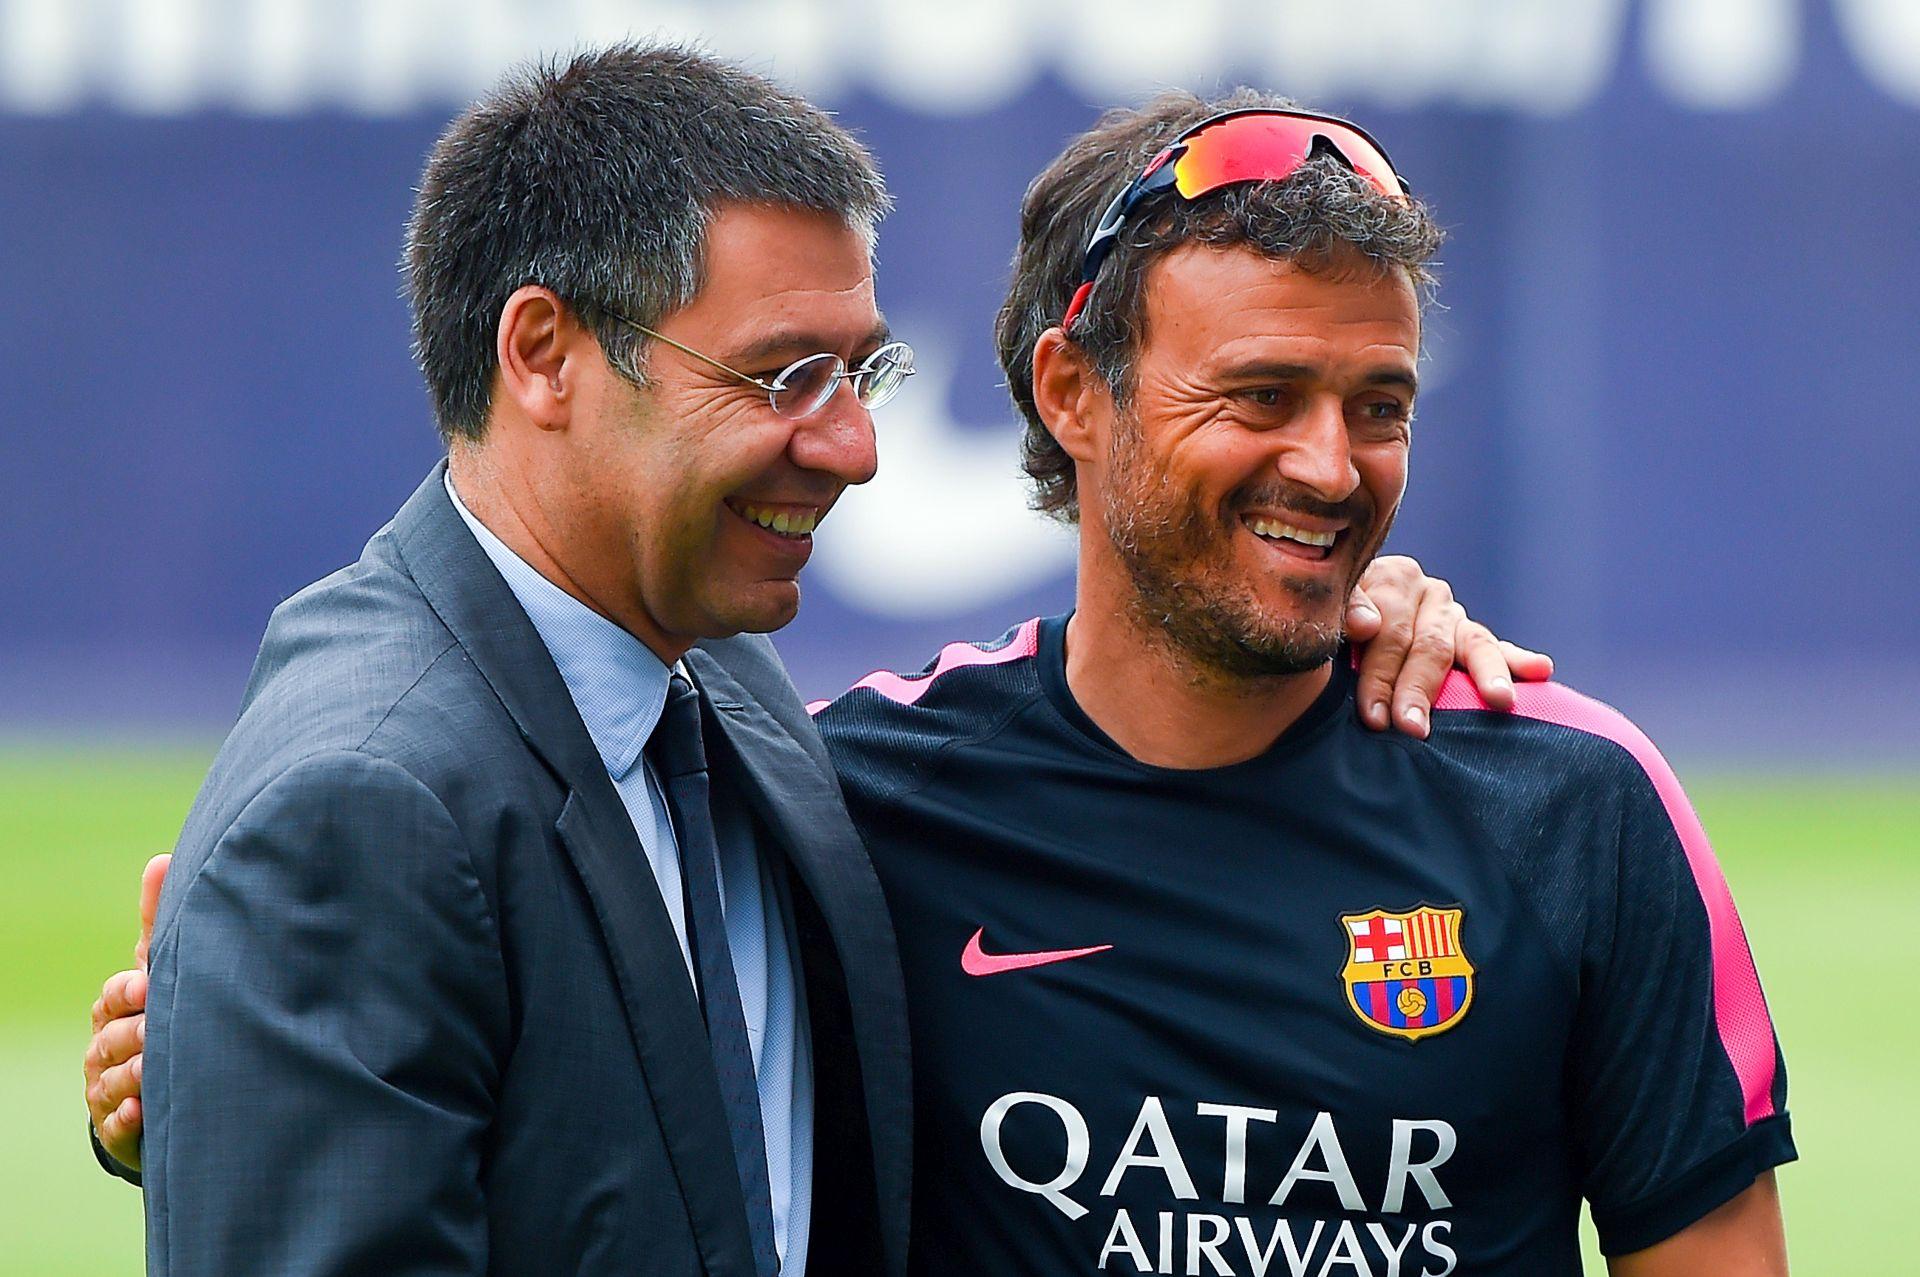 ŠEF EUROPSKOG NOGOMETNOG PRVAKA Bartomeu ostao predsjednik Barcelone